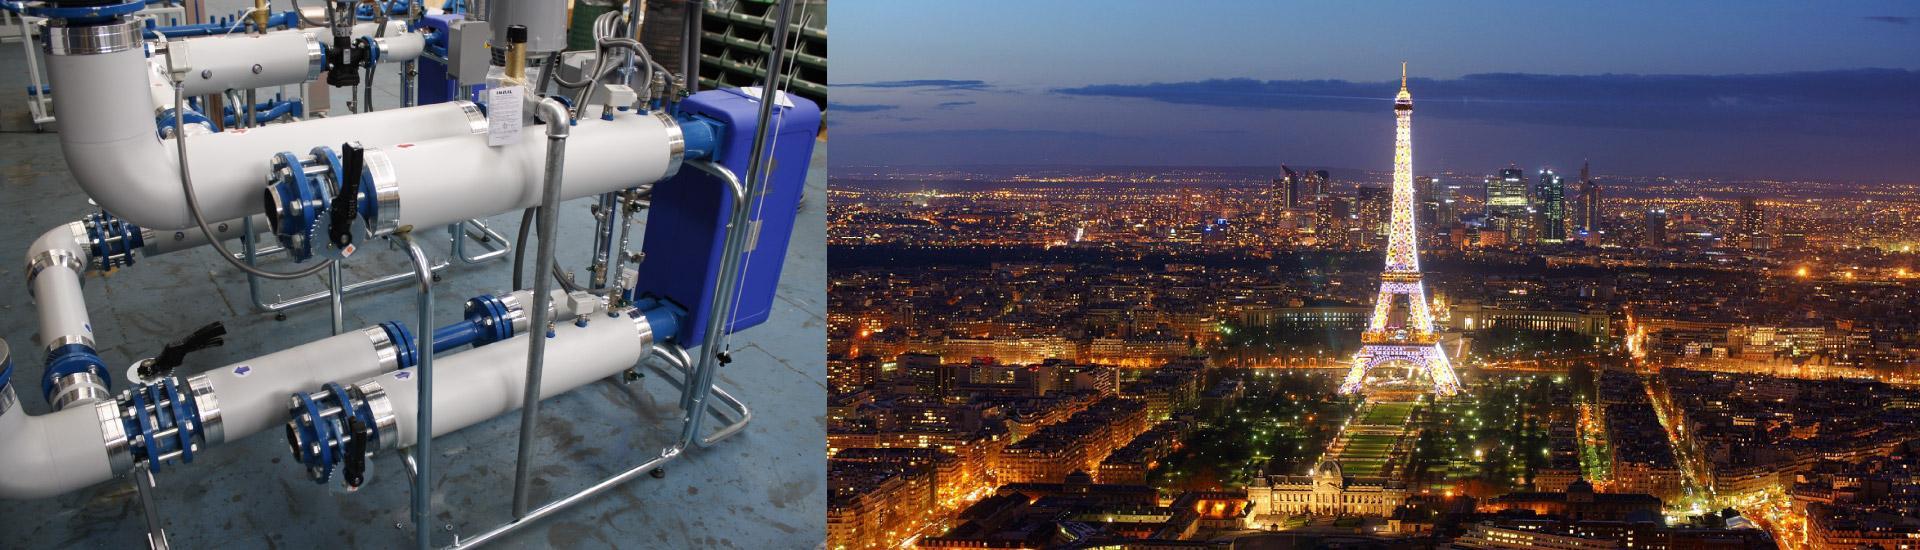 AMARC DHS HEATS SOME DISTRICT IN PARIS